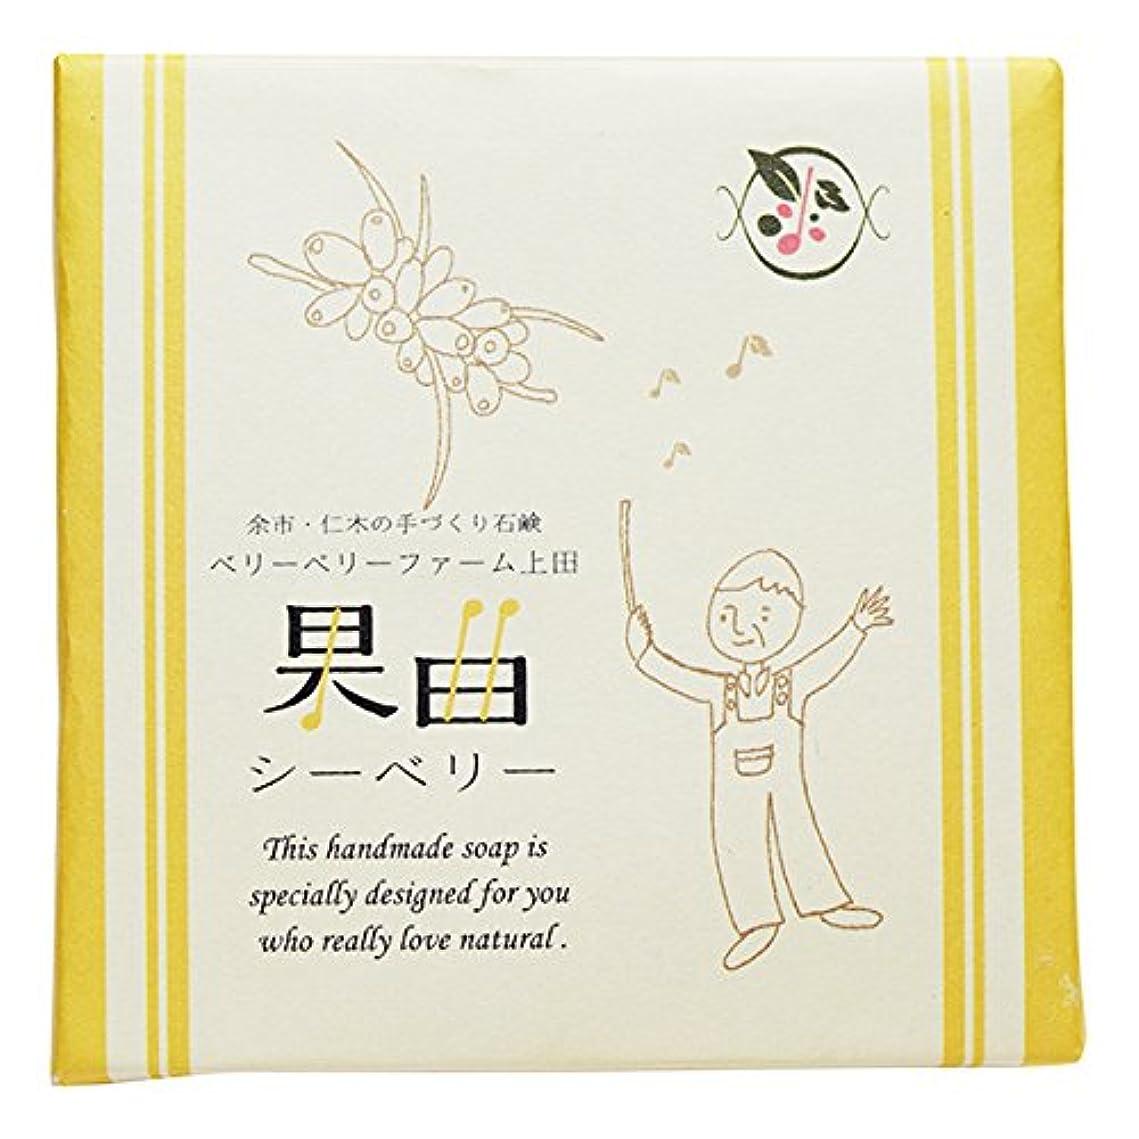 余市町仁木のベリーベリーファーム上田との共同開発 果曲(シーベリー)純練り石鹸